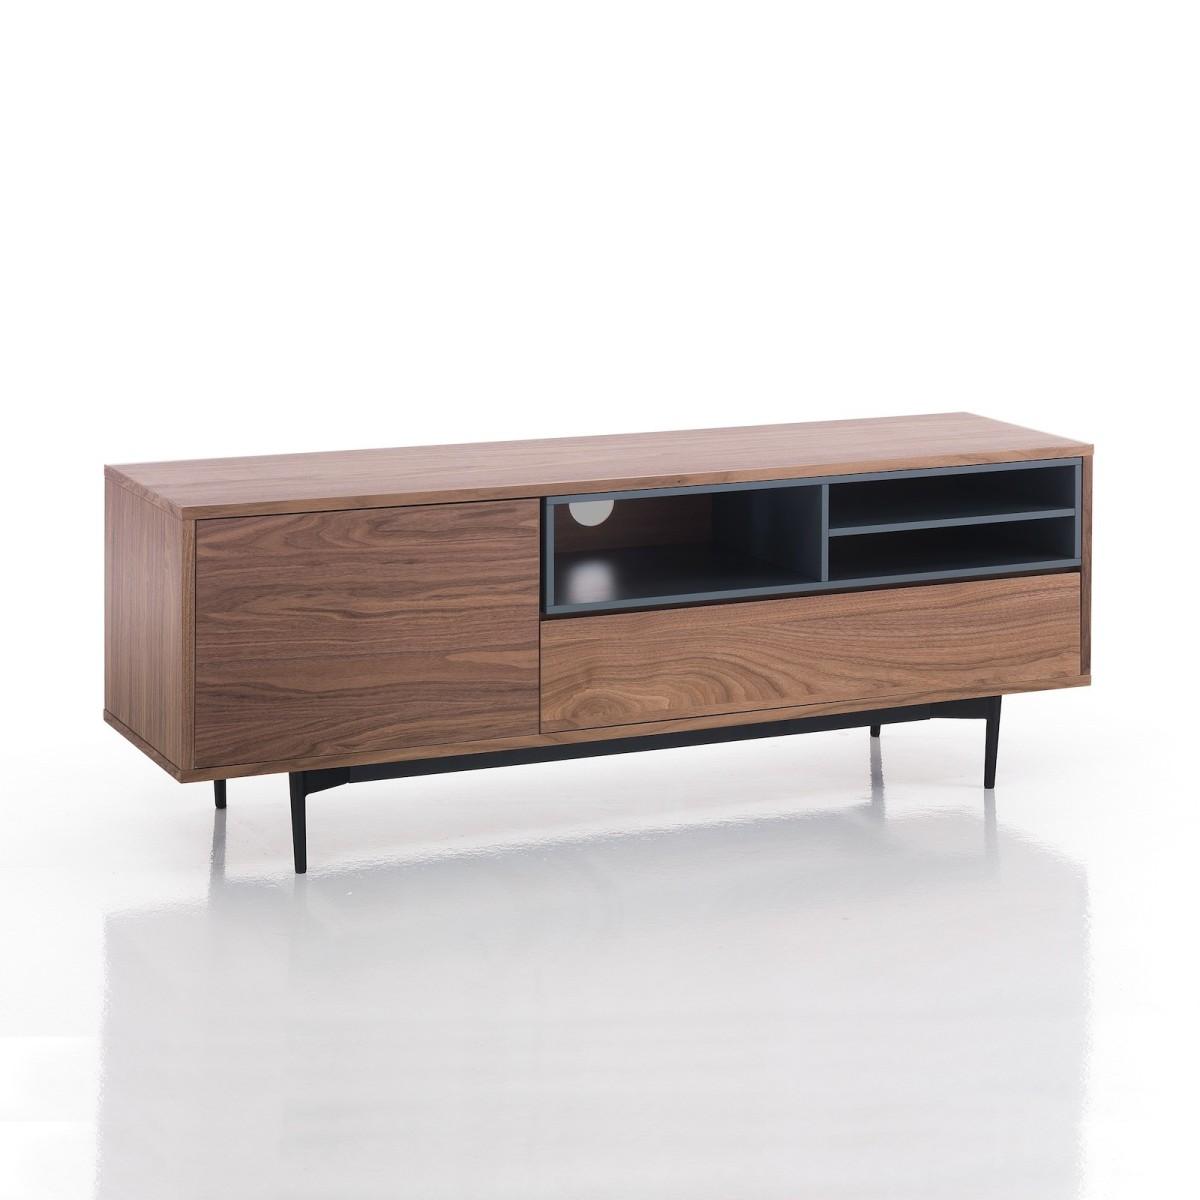 Mobiletto per televisore design moderno in legno MDF Nick